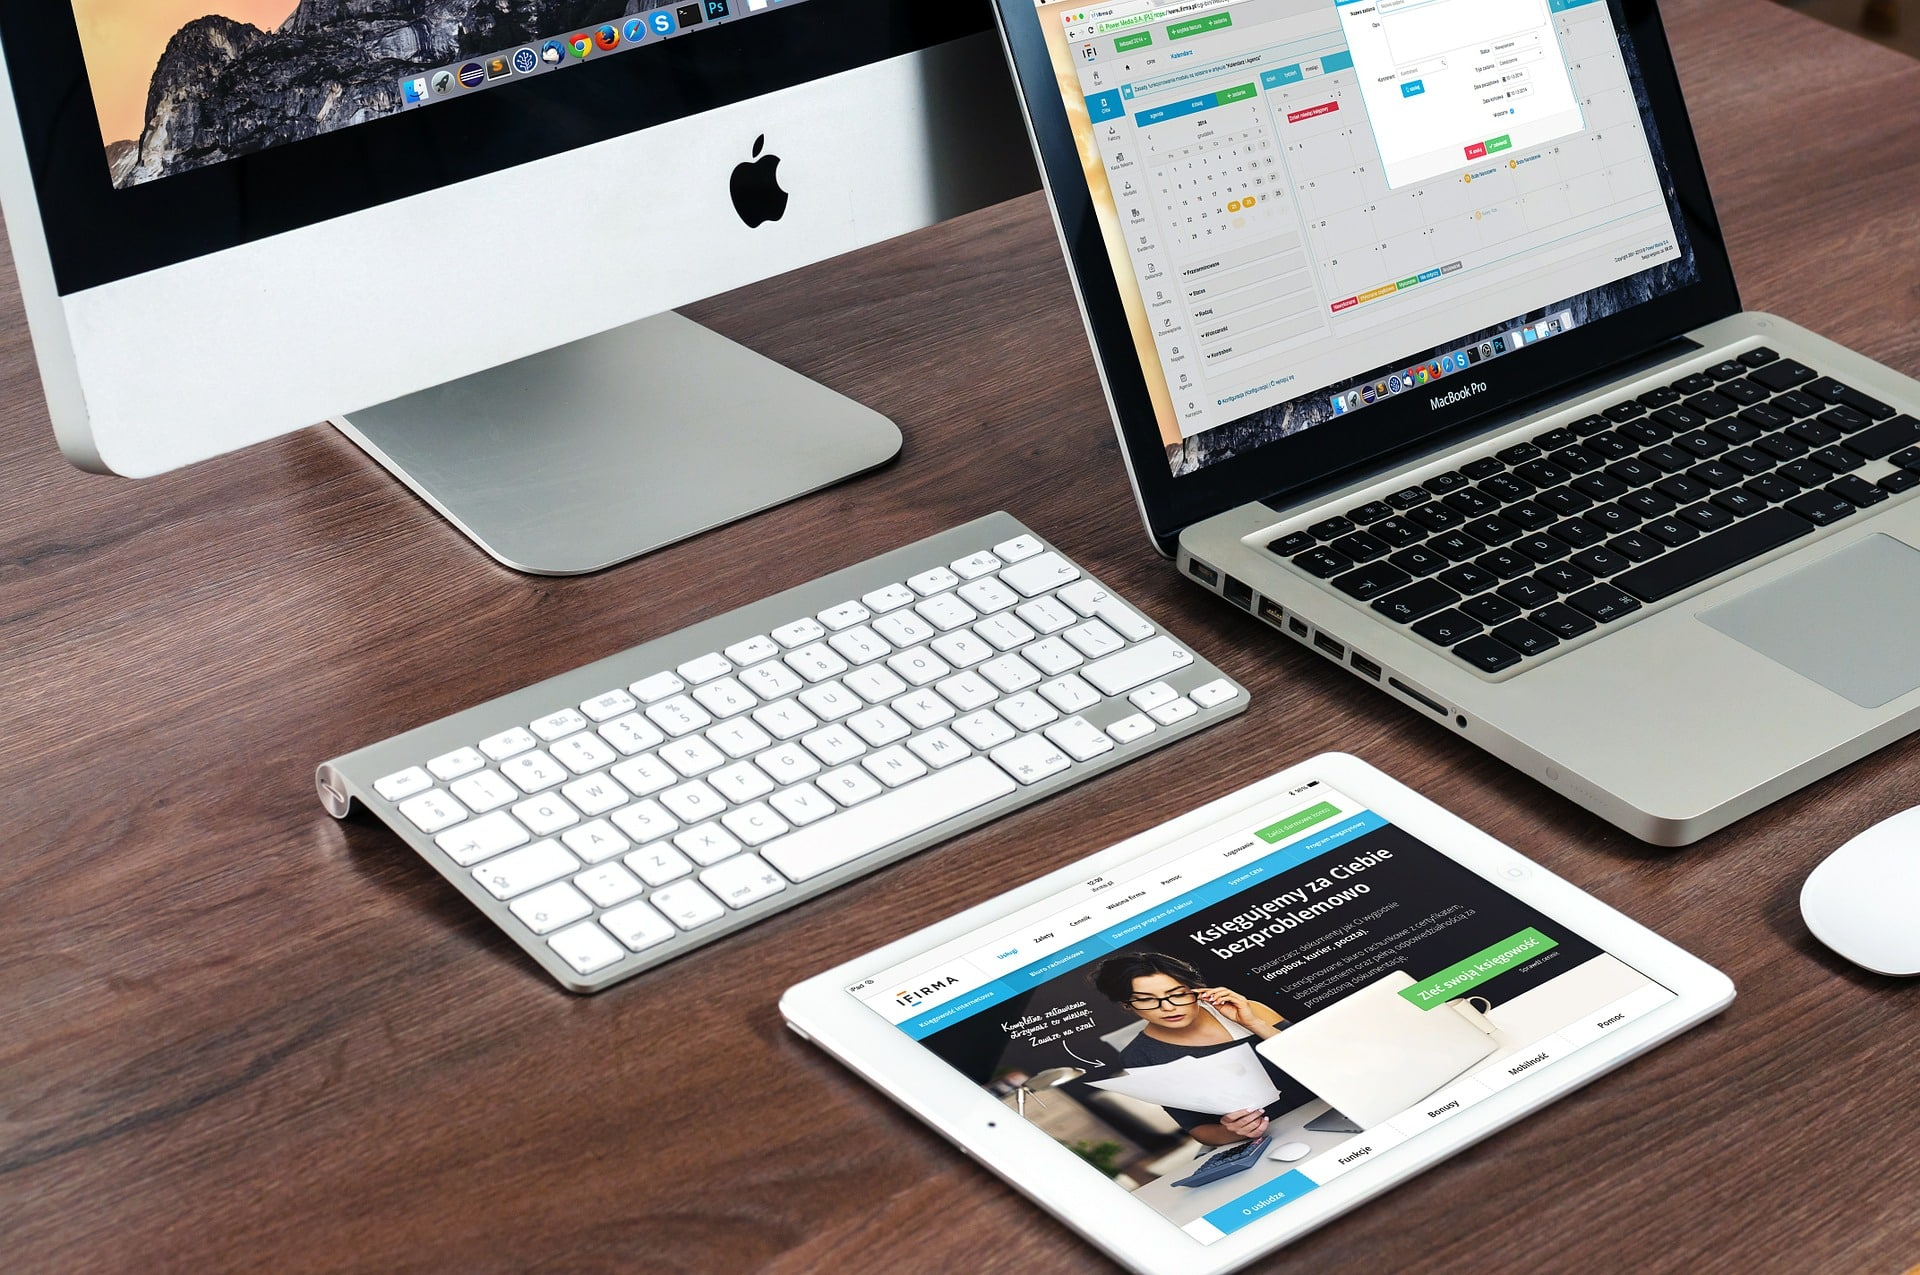 Heutzutage haben Unternehmer die Wahl zwischen PC, Laptop oder Netbook sowie Tablet. Jedes Gerät hat Vor- und Nachteile für den Bürogebrauch.